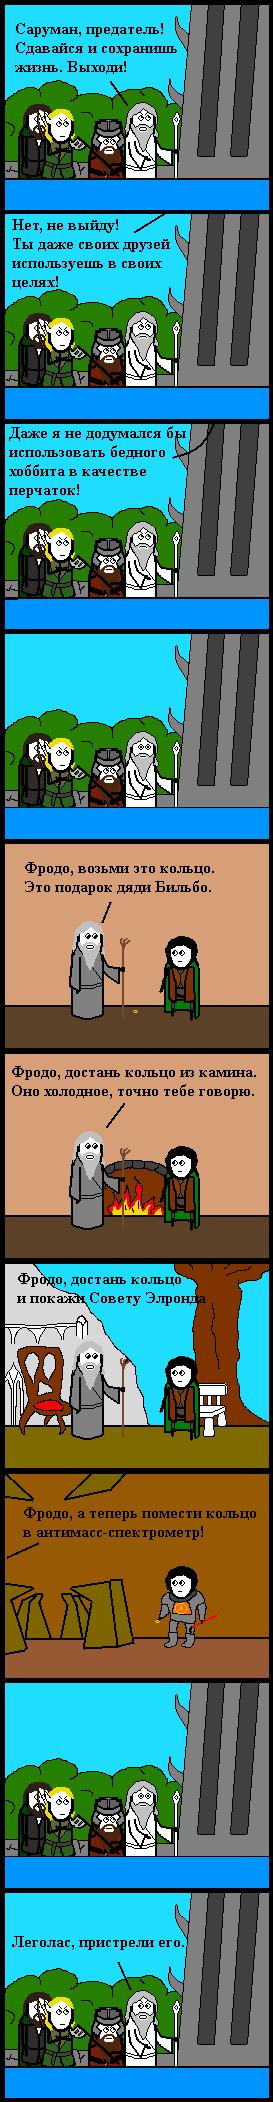 Гэндальфное